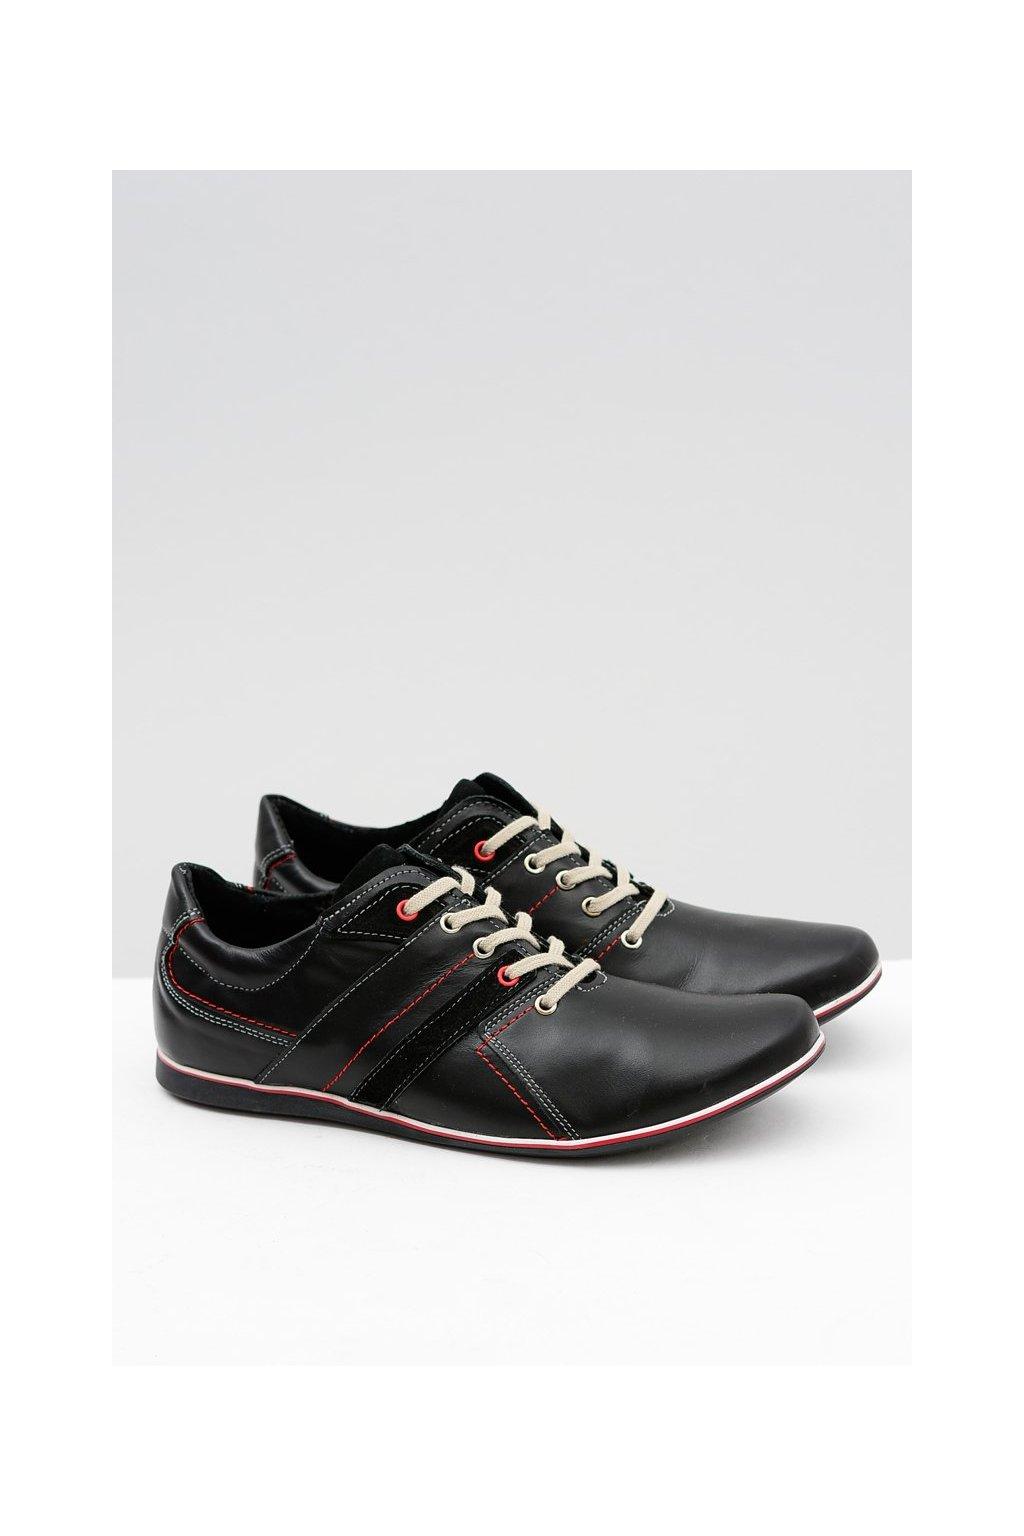 Pánska obuv pre voľný čas Casual Conti